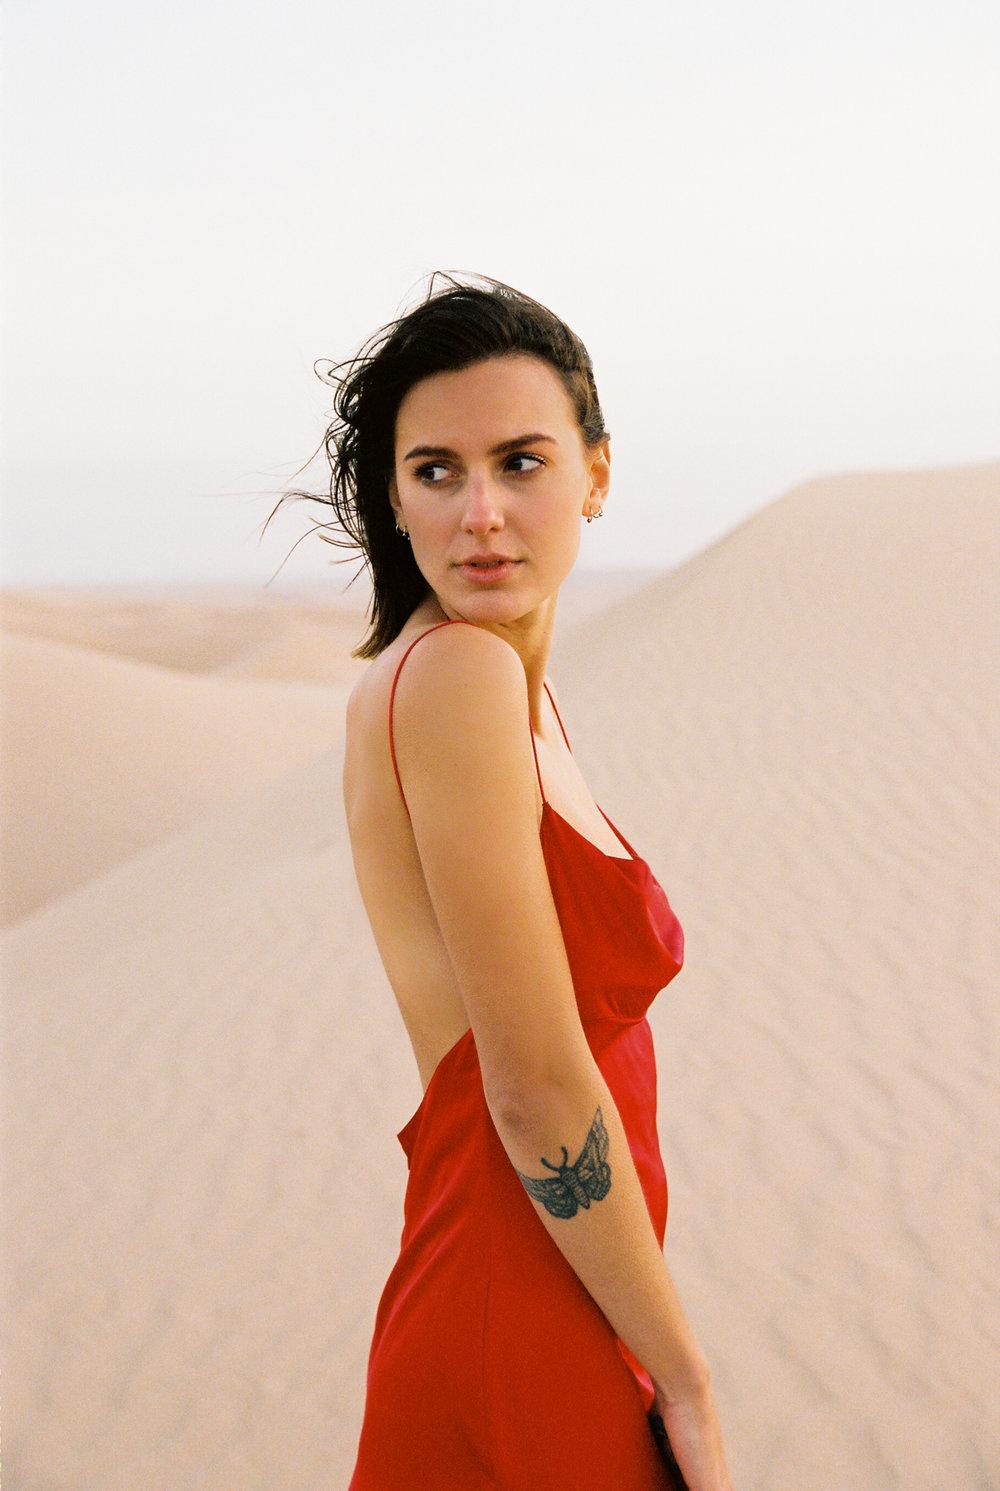 DesertFilm2 (84 of 101).jpg